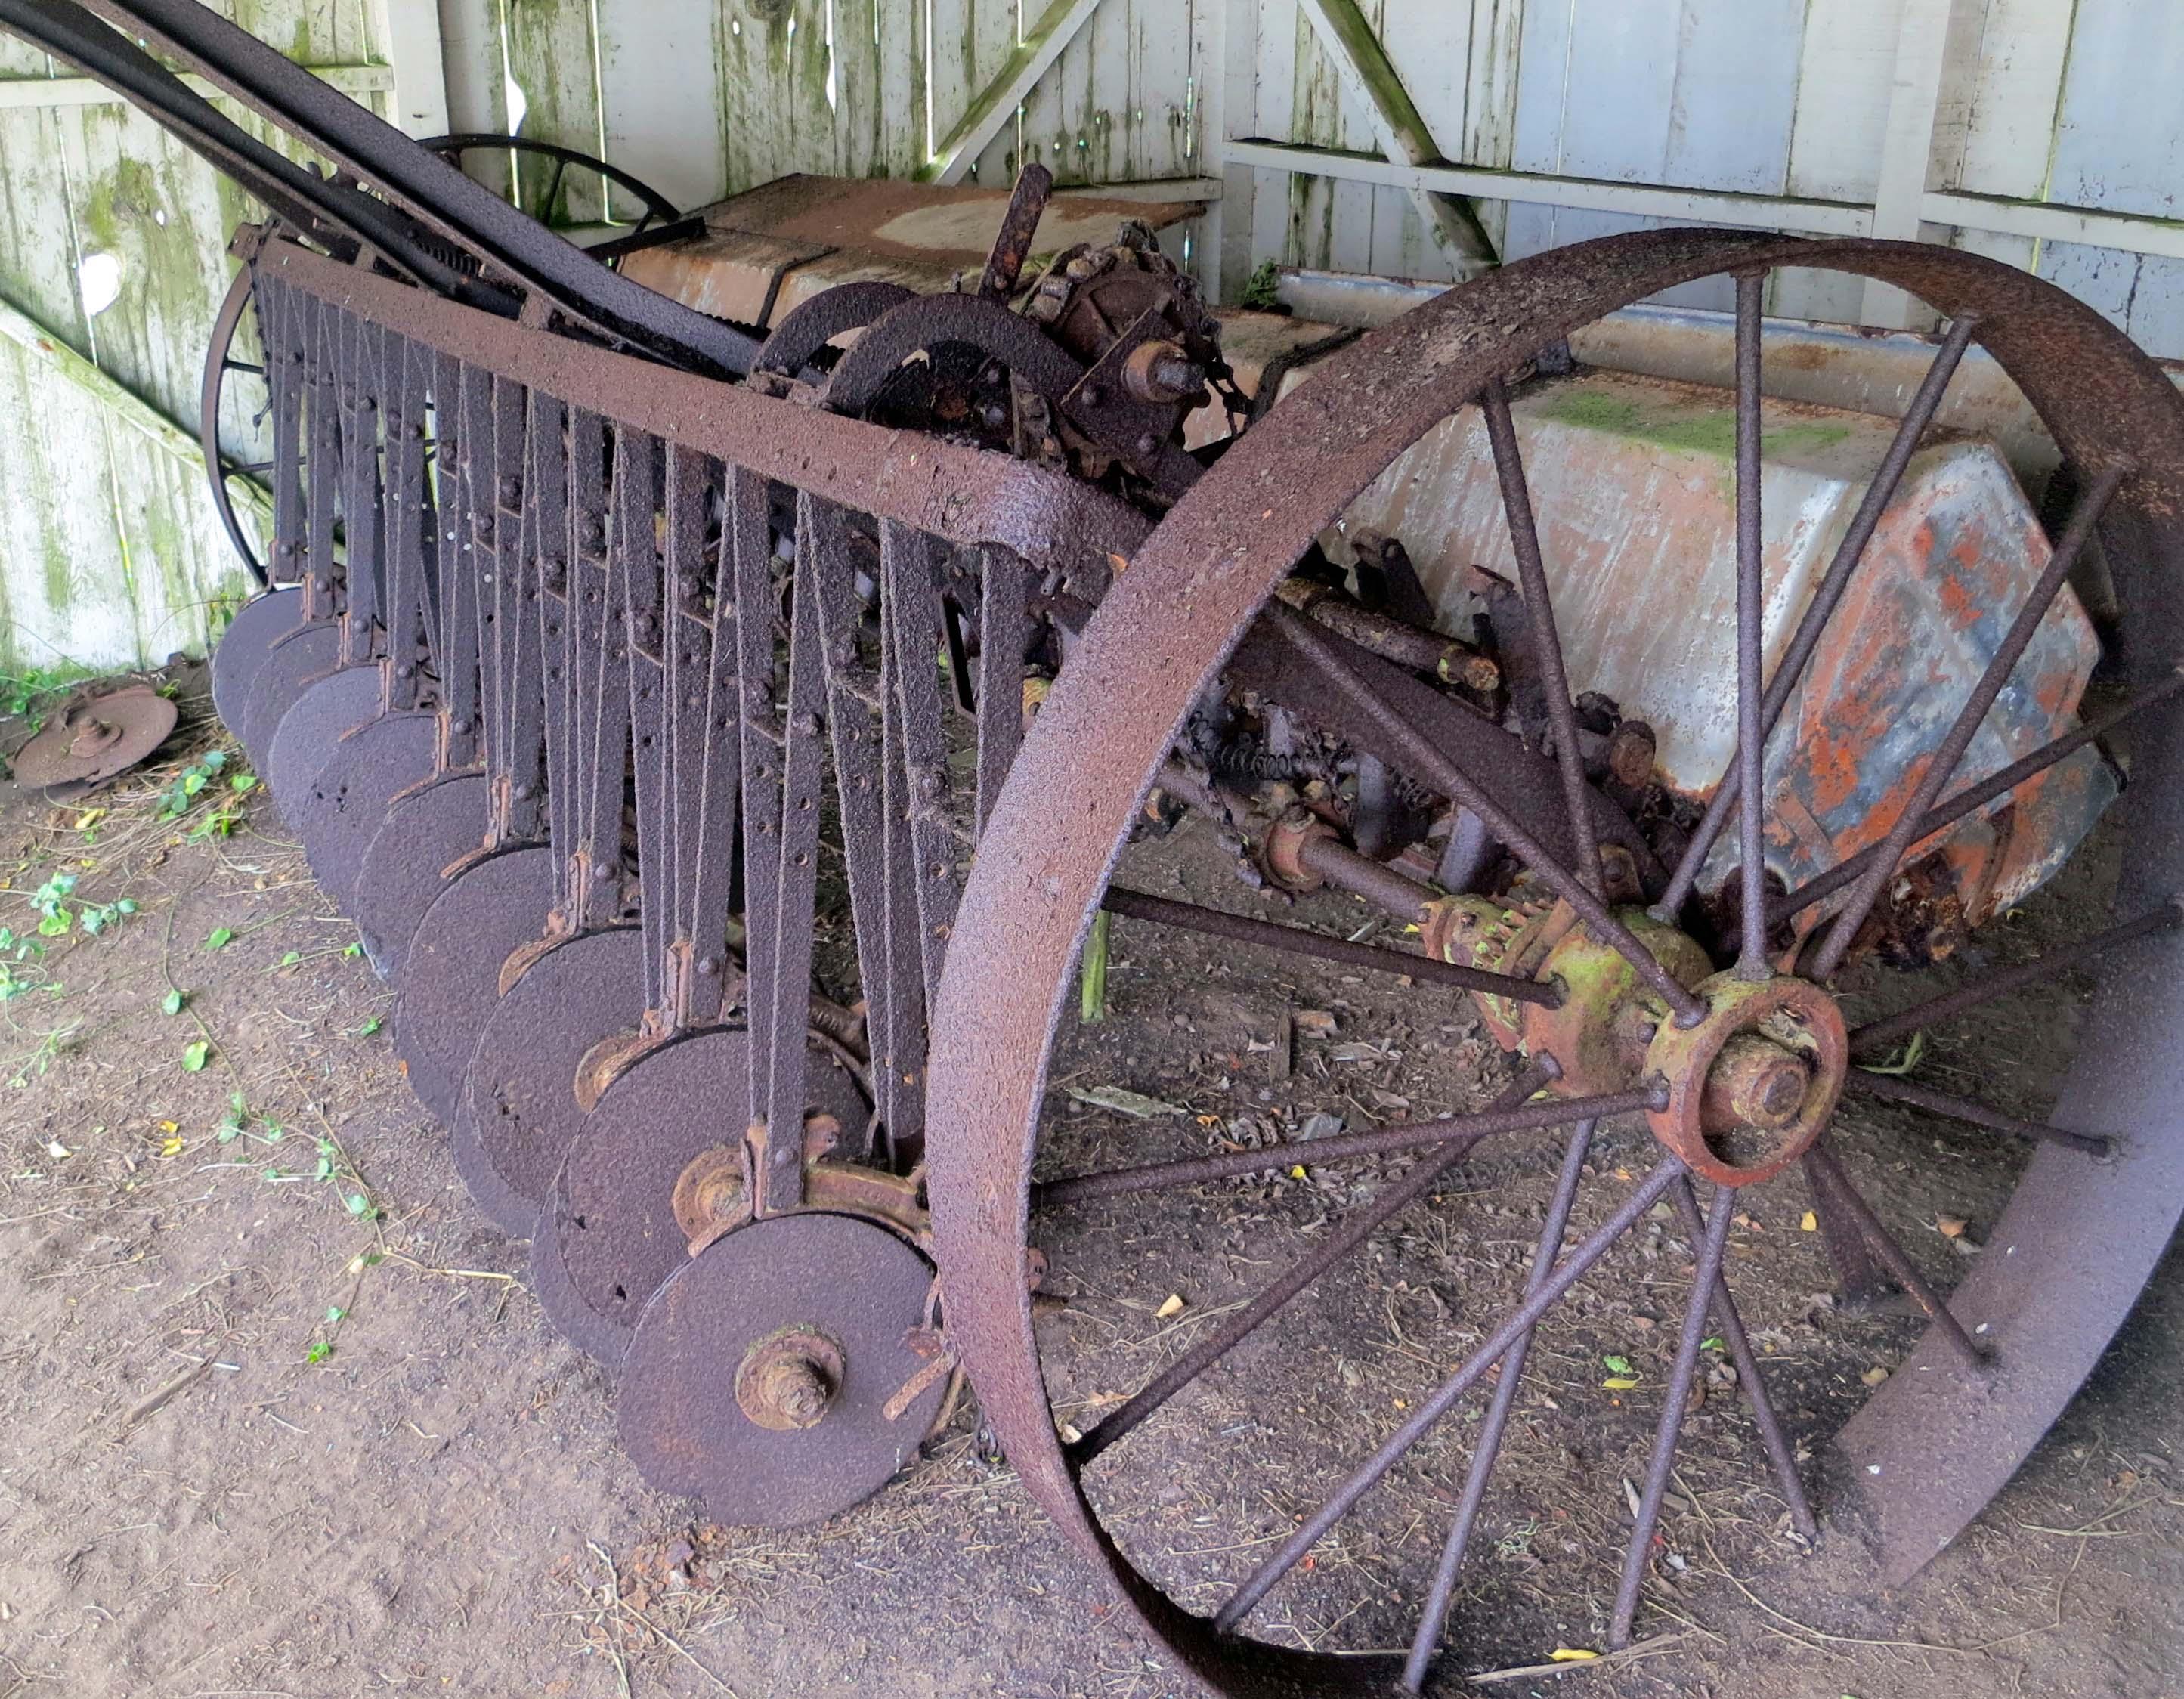 Old soil tiller at Pierce Ranch, Pt. Reyes National Seashore. Photo by Curtis Mekemson.